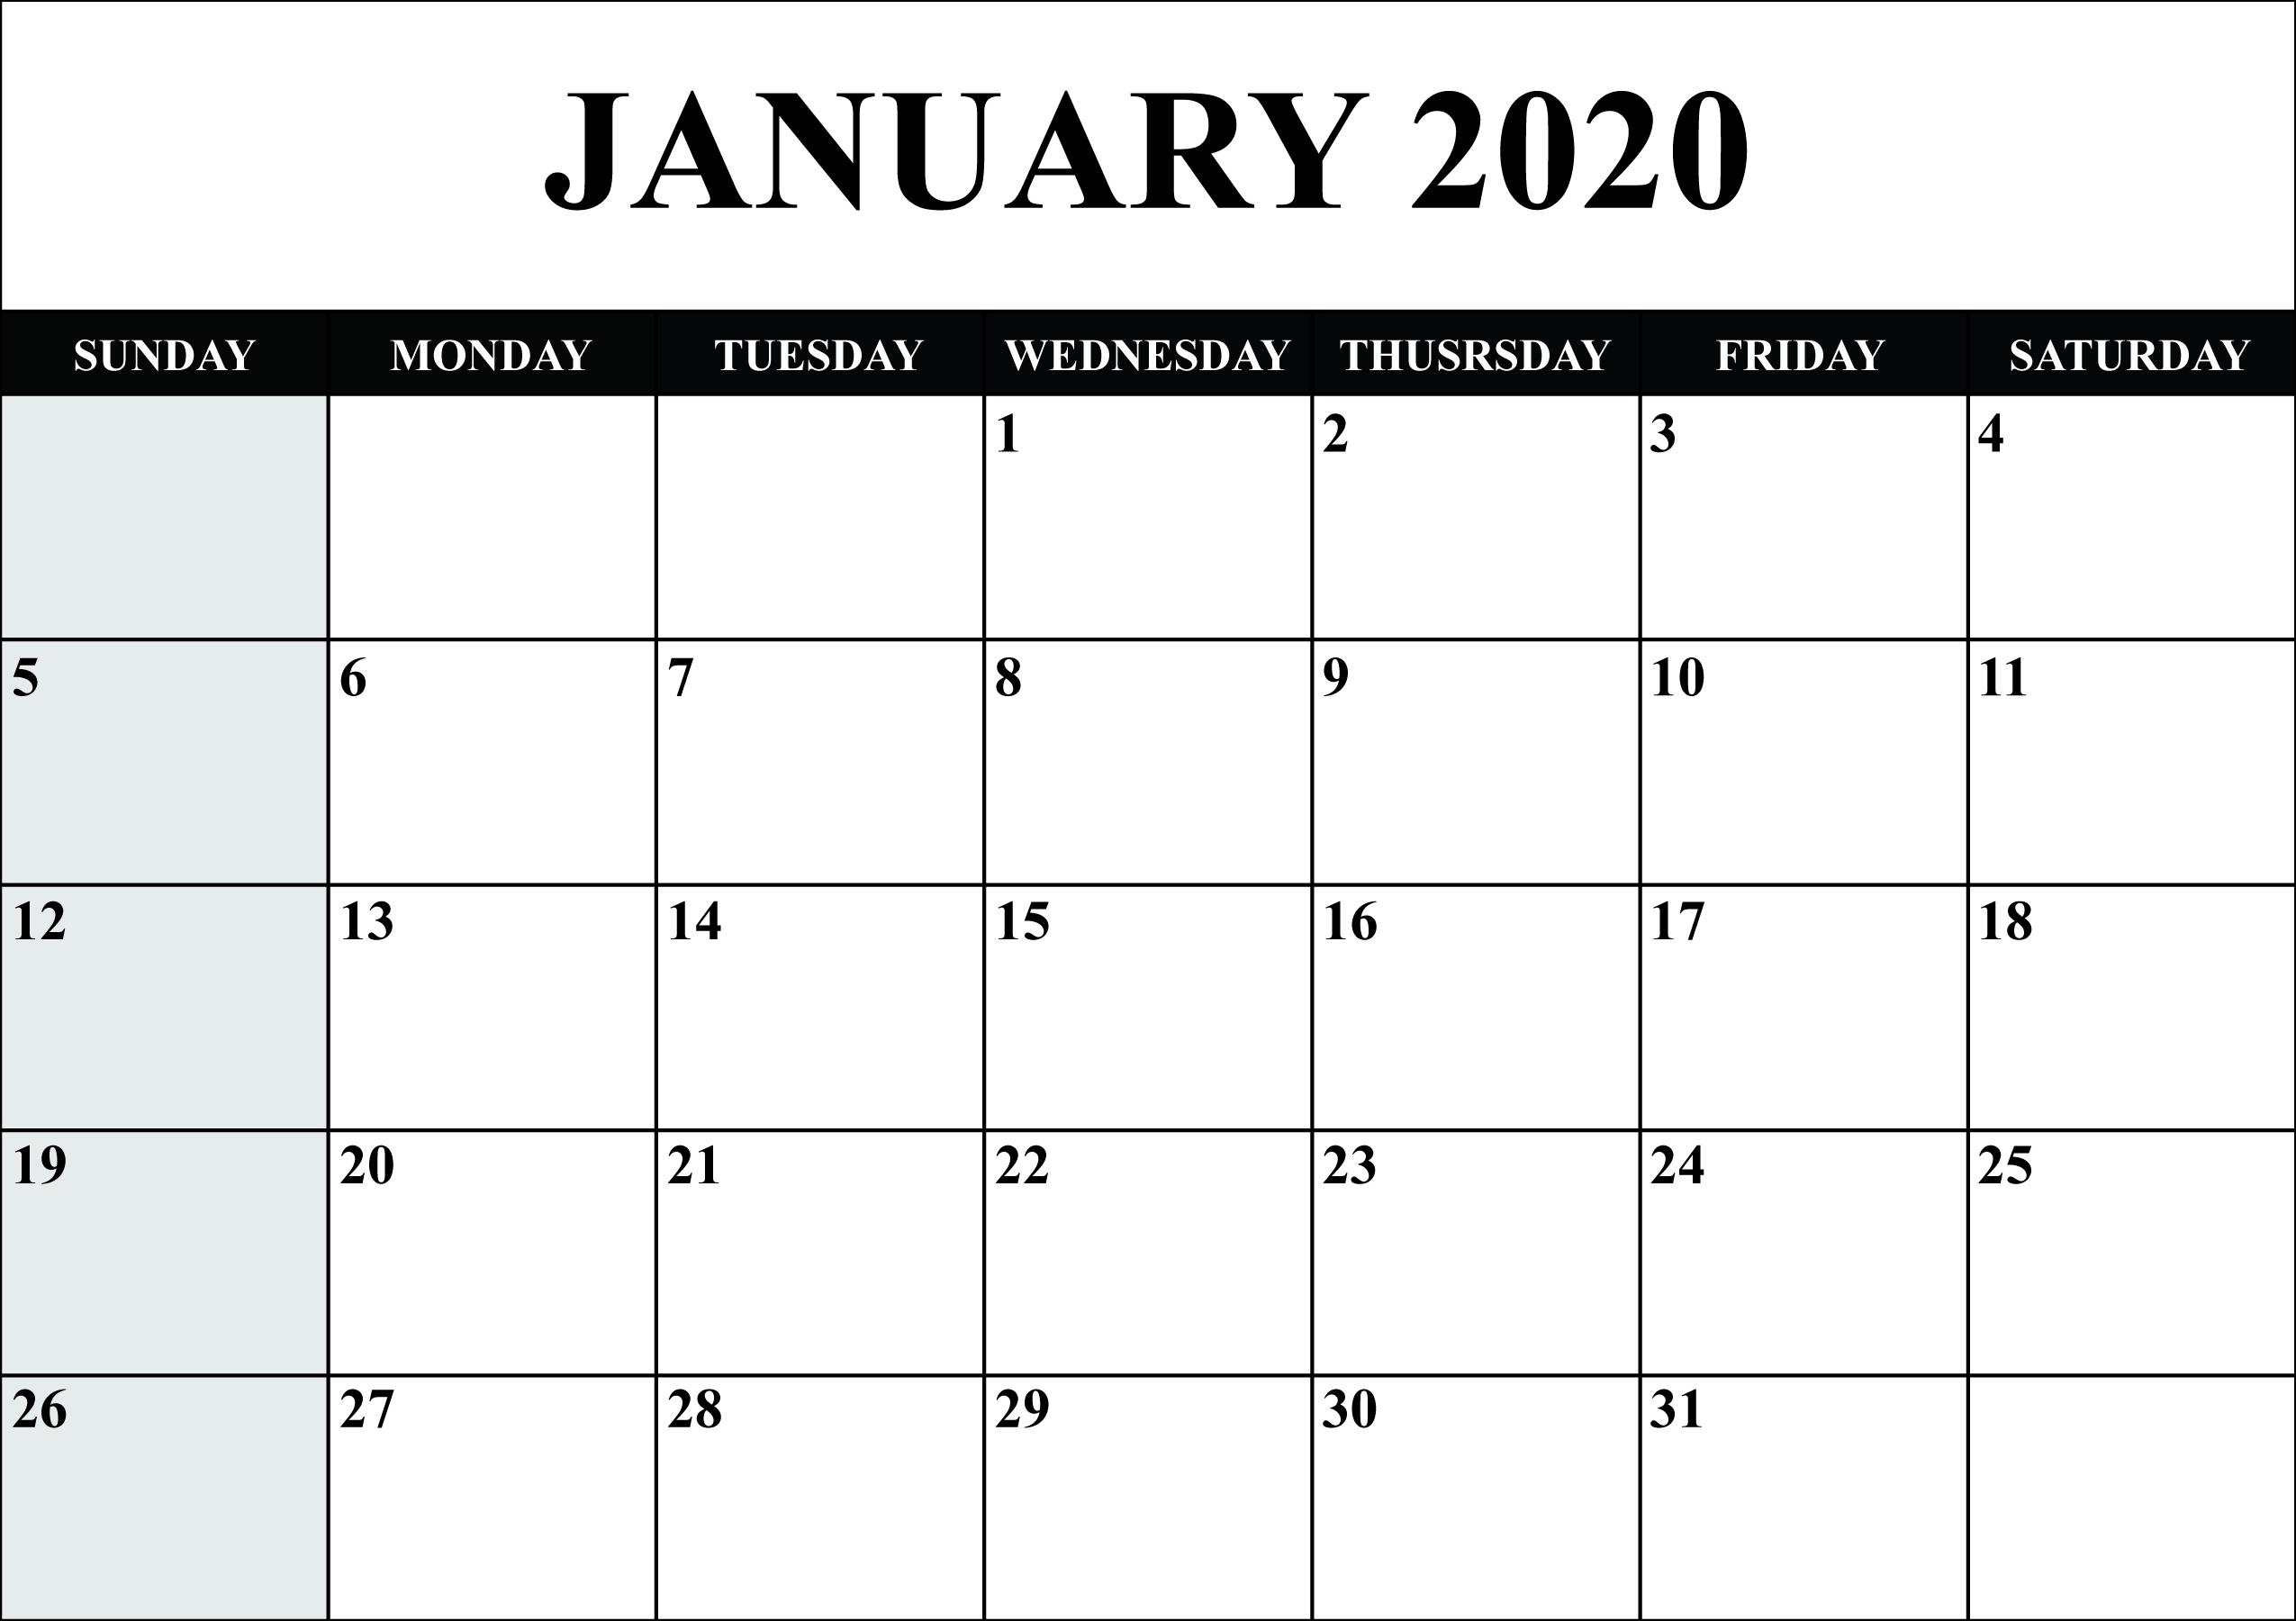 2020 Telugu Calendar January